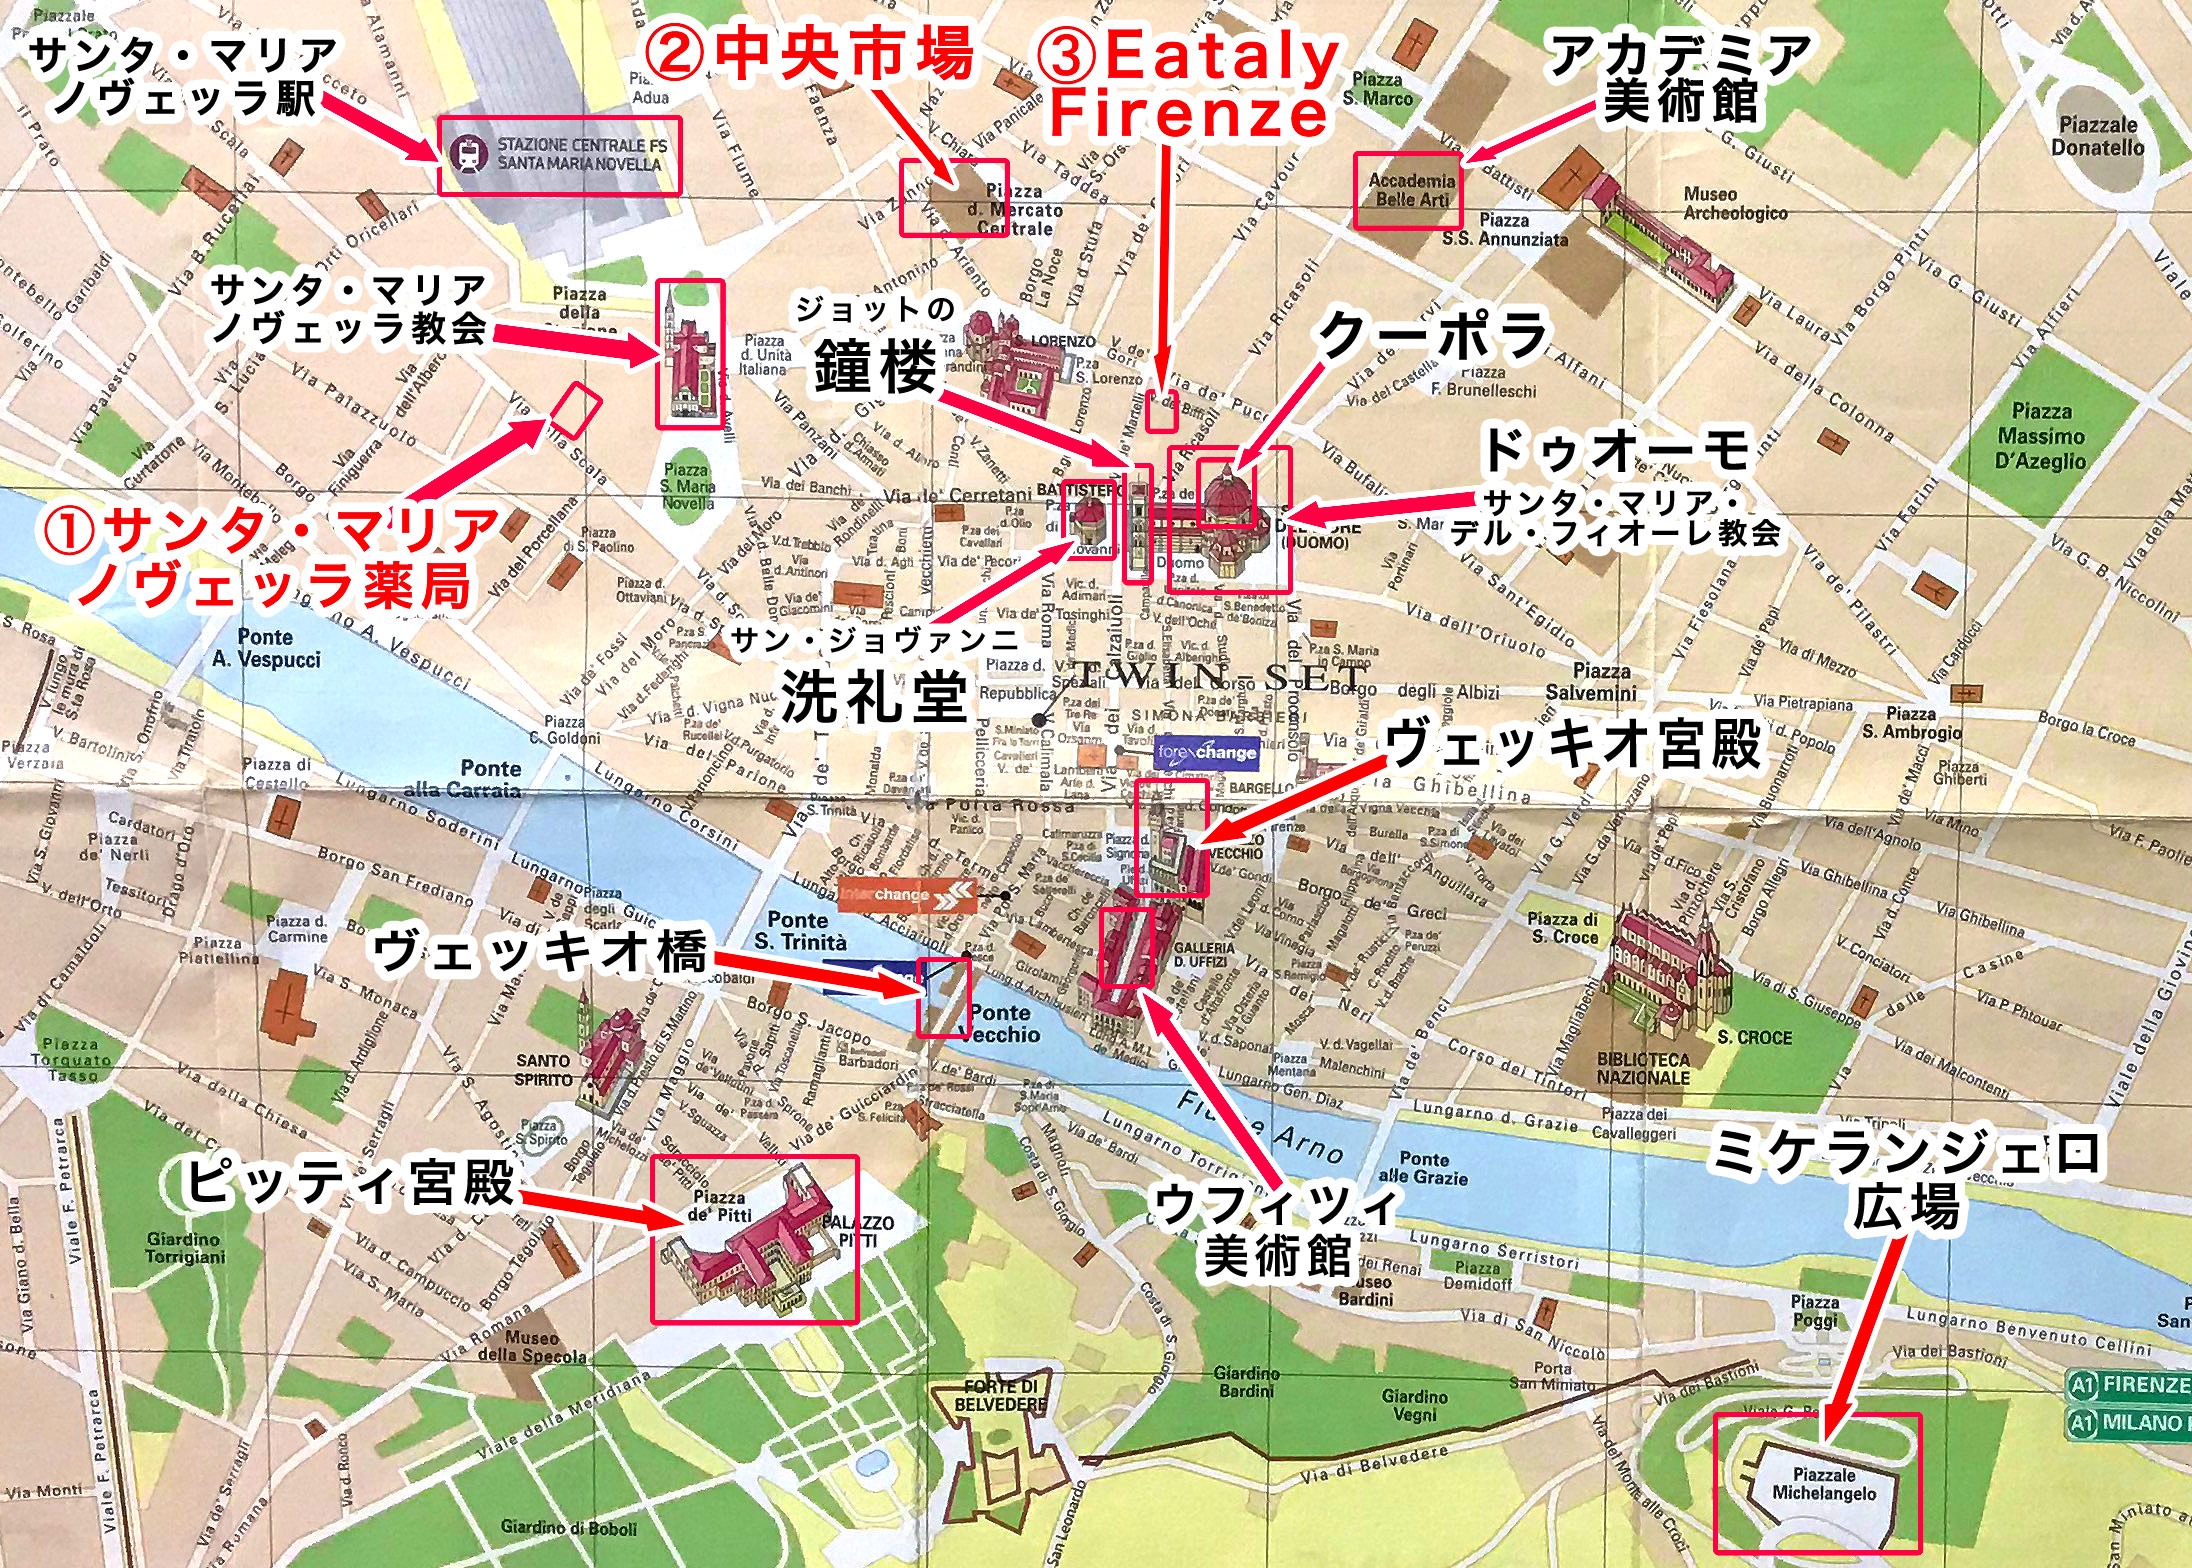 フィレンツェの地図と2日目の観光ルート